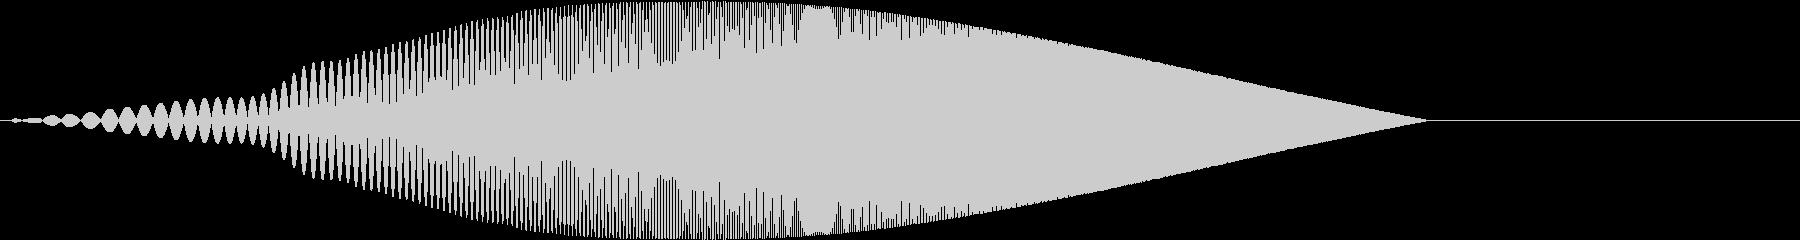 Tool プレゼン映像向け動作SE 1 の未再生の波形